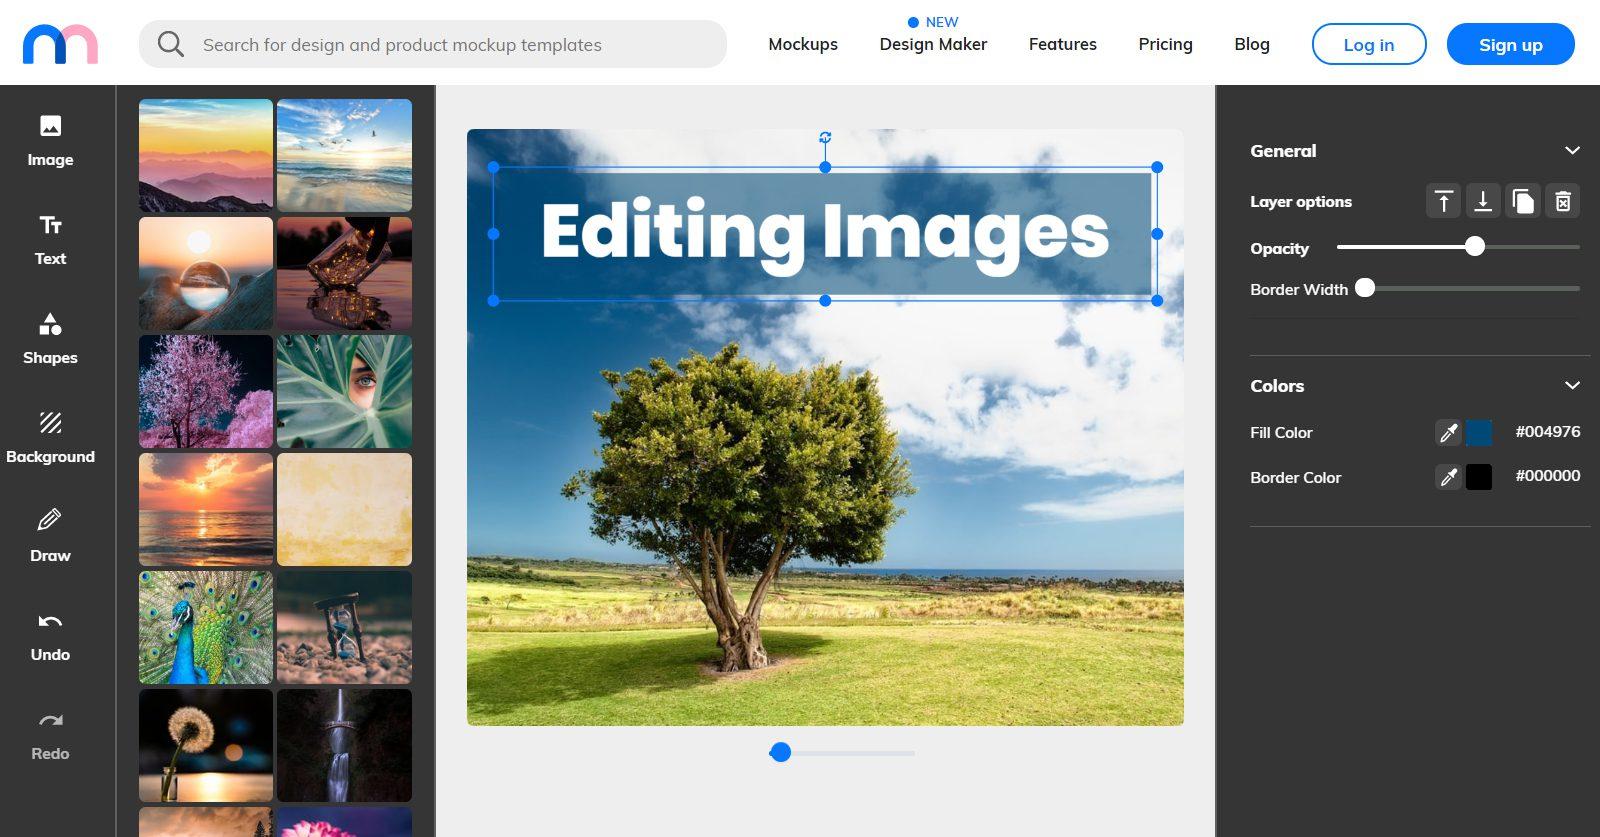 image-editing-in-mediamodifier